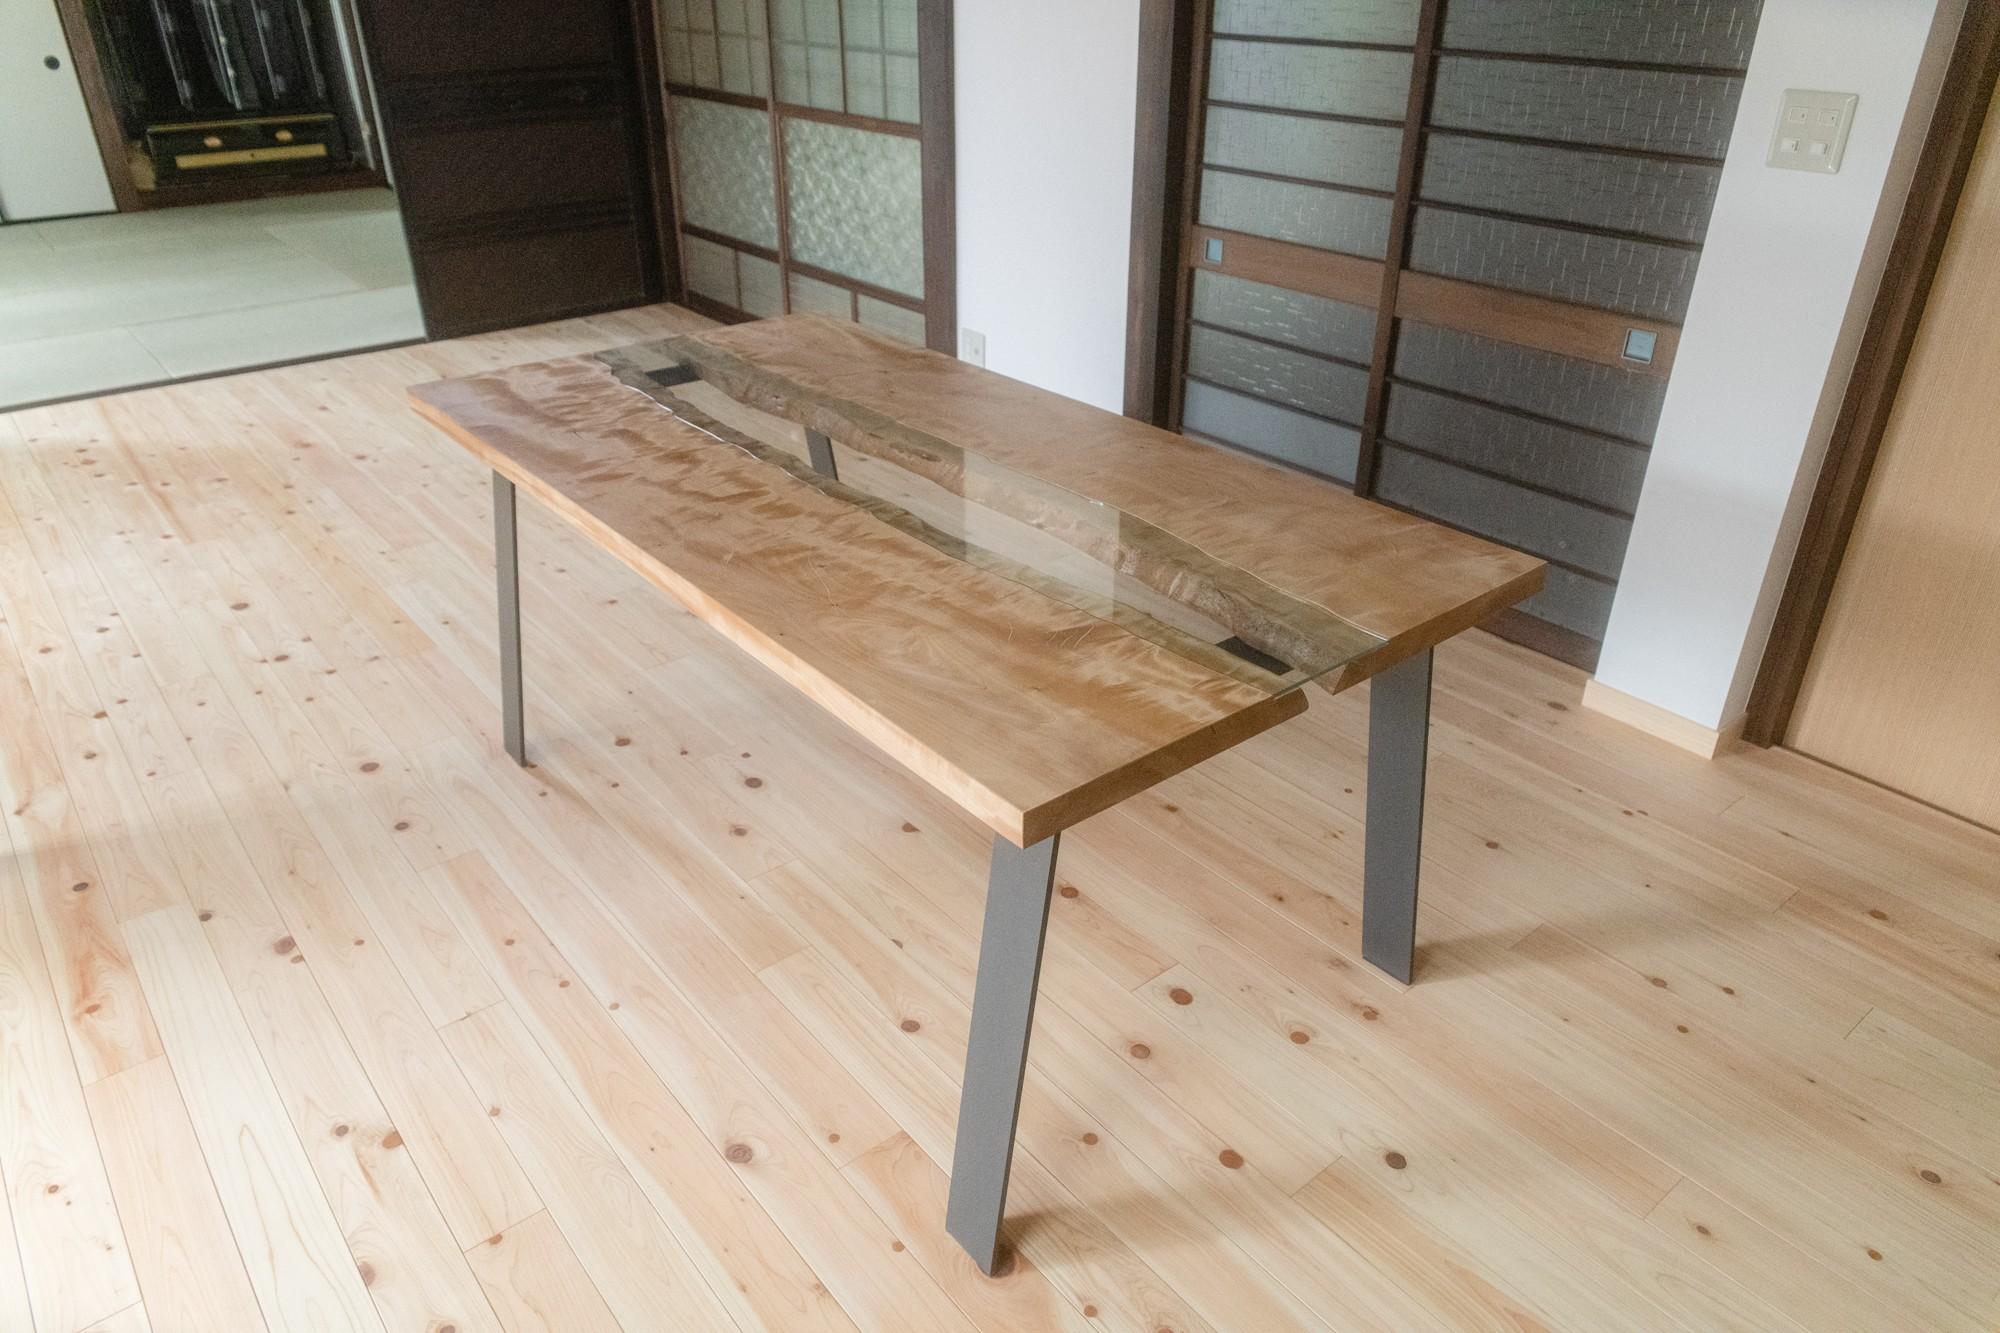 その他事例:造作ダイニングテーブル(木のぬくもりのある暮らし)